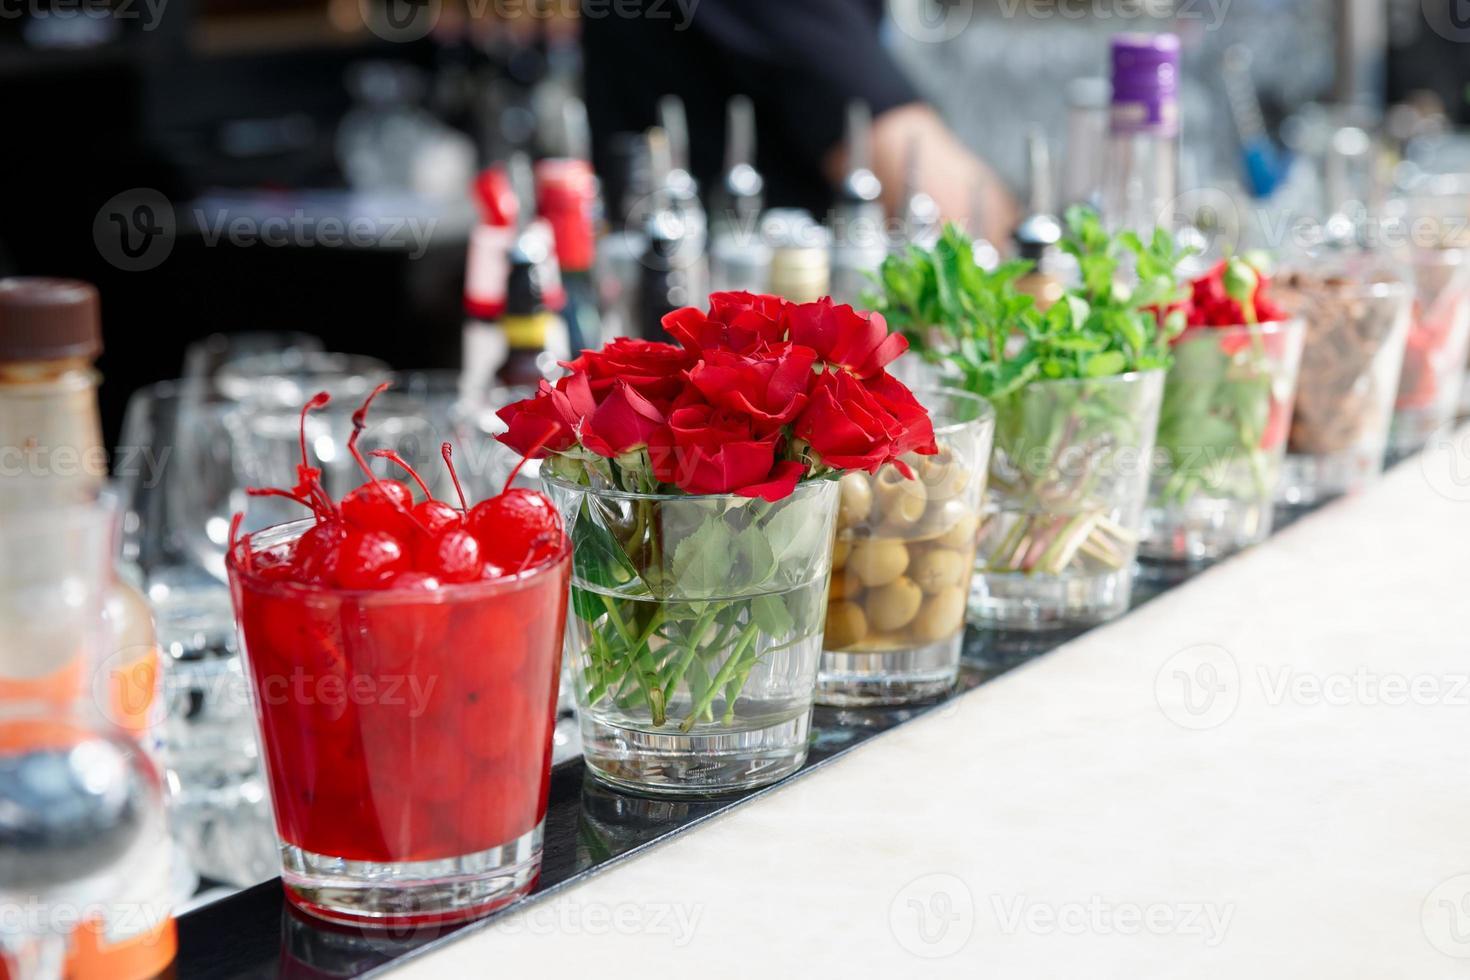 cerises, herbes et fleurs sur le comptoir du bar photo